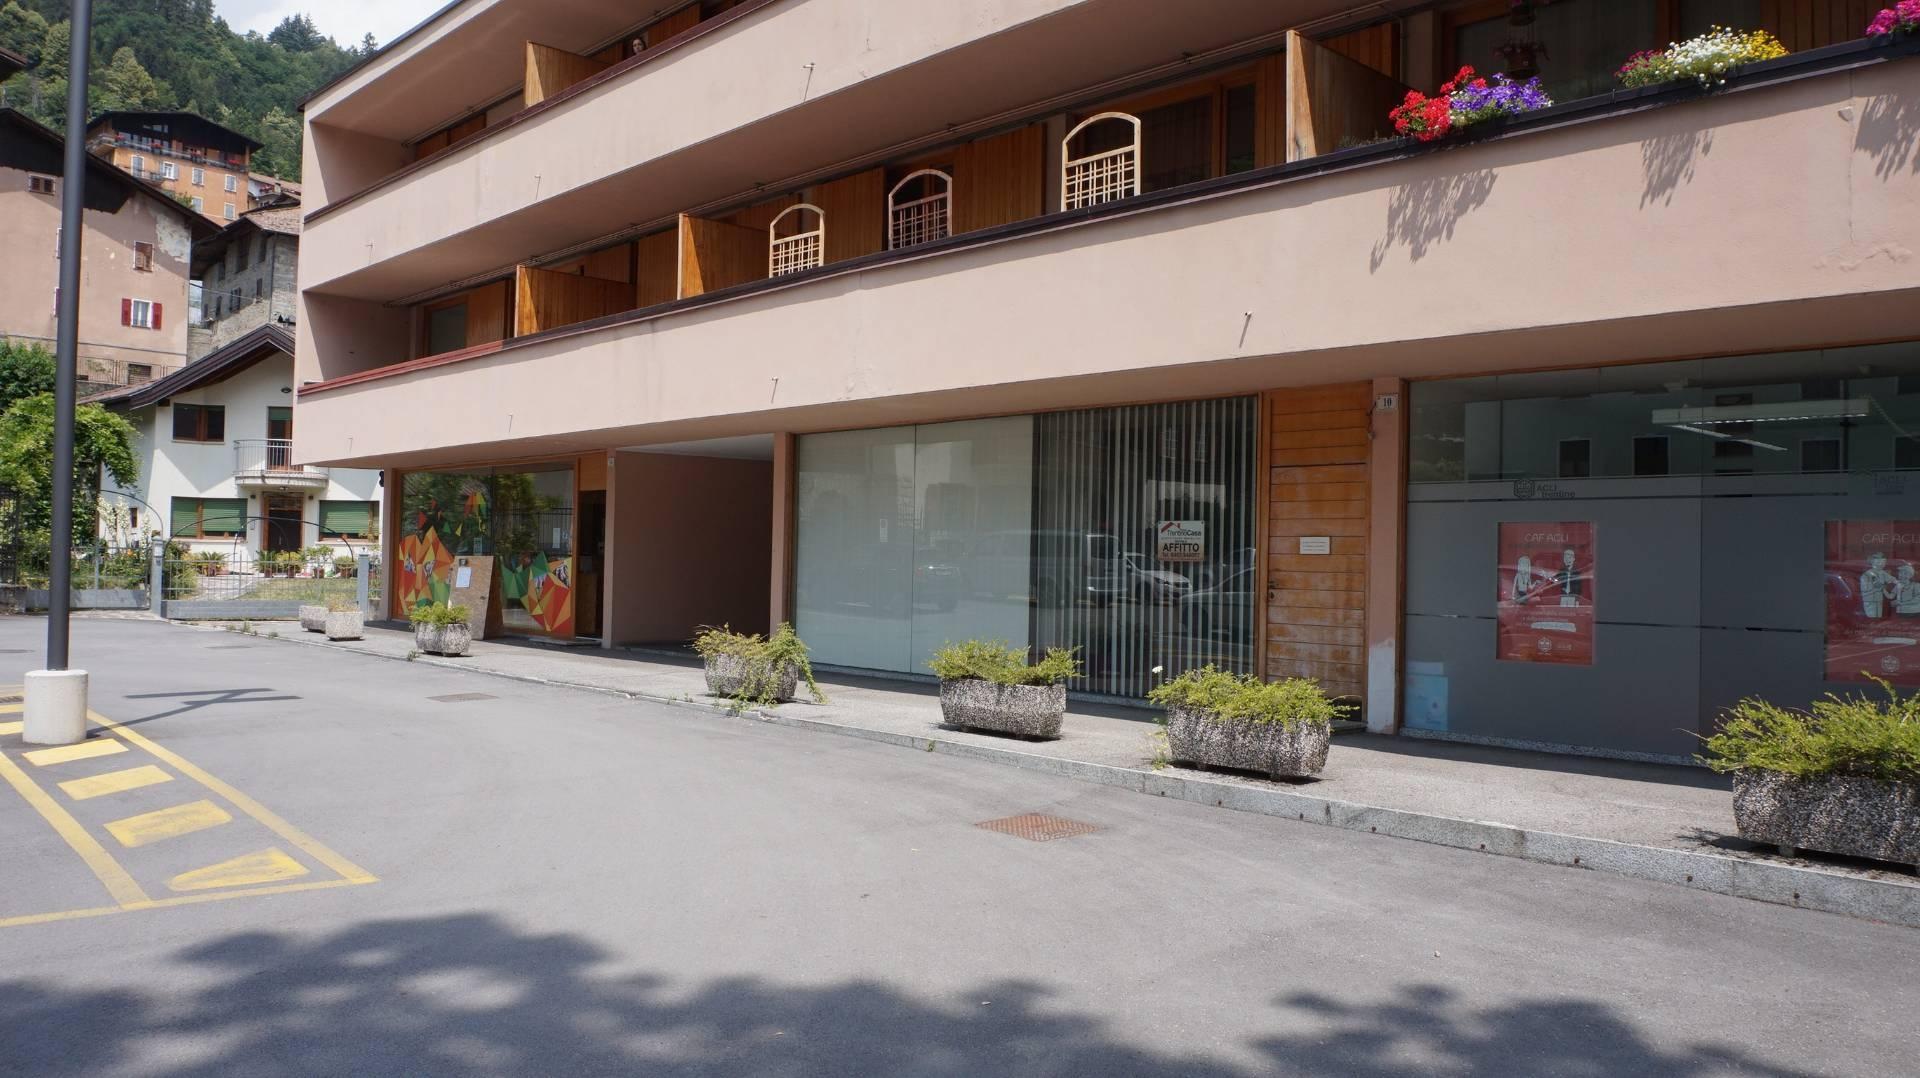 Negozio / Locale in affitto a Tione di Trento, 9999 locali, prezzo € 2.000 | CambioCasa.it